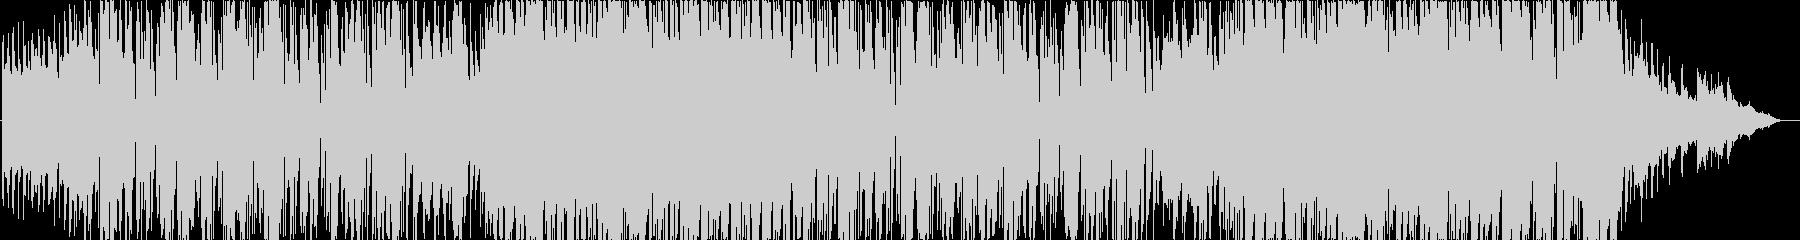 【生演奏】わくわくXmasのバイオリン曲の未再生の波形